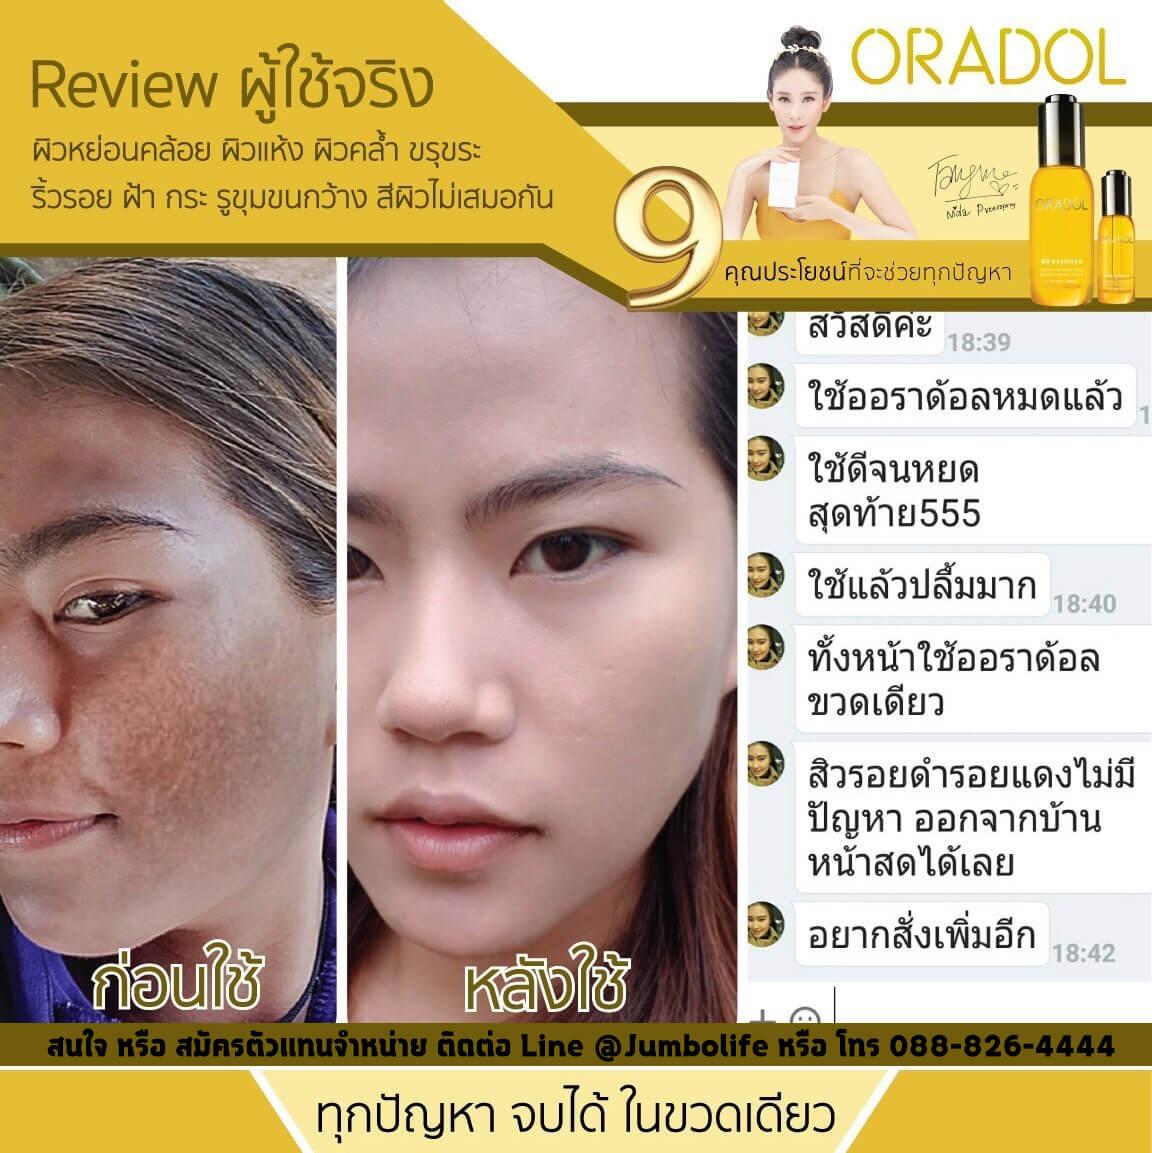 Oradol ดีไหม, Oradol เซรั่ม, ขาย Oradol 1